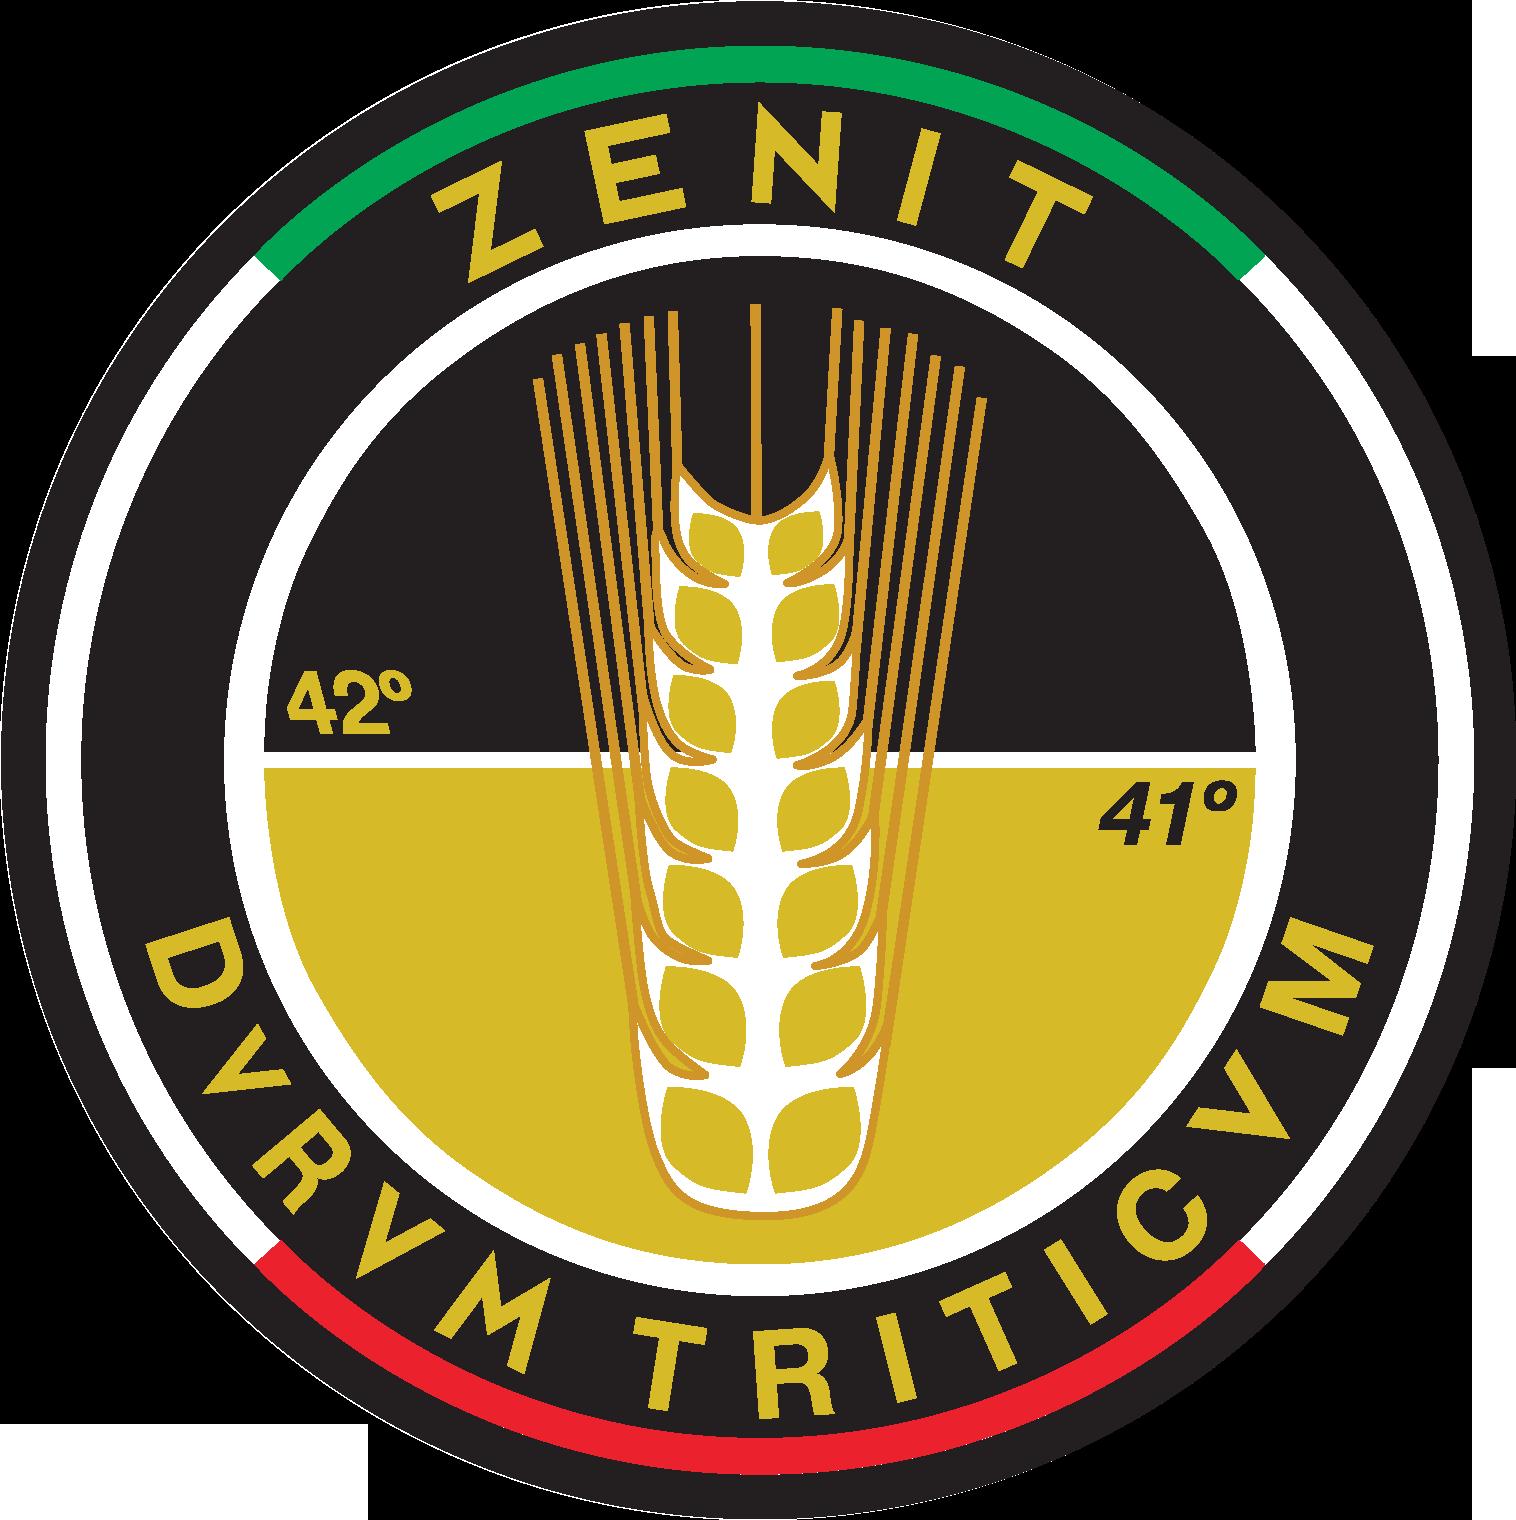 Zenit 41 Logo